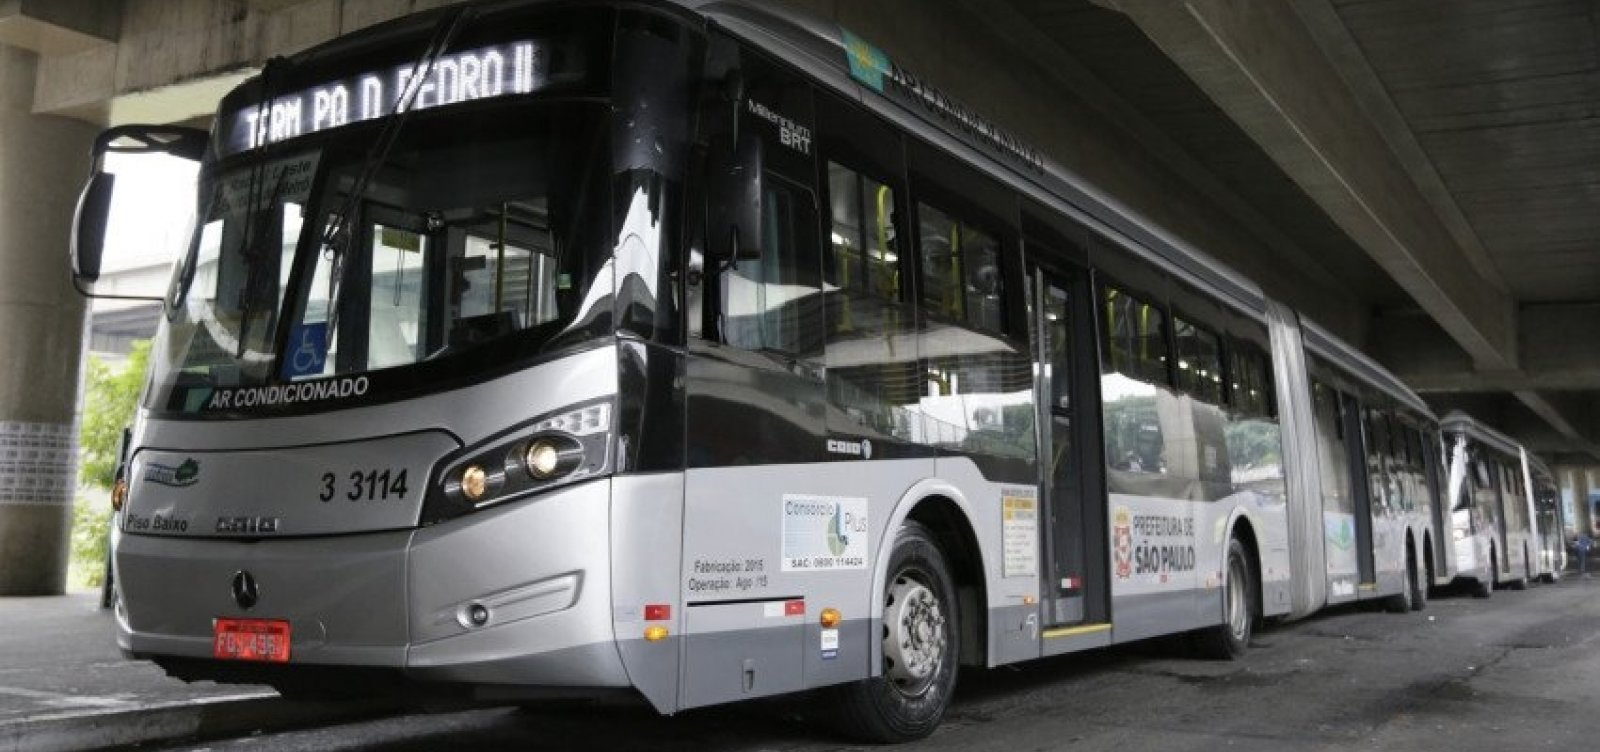 Decreto que retirava gratuidade nos transportes públicos para idosos em SP é suspenso